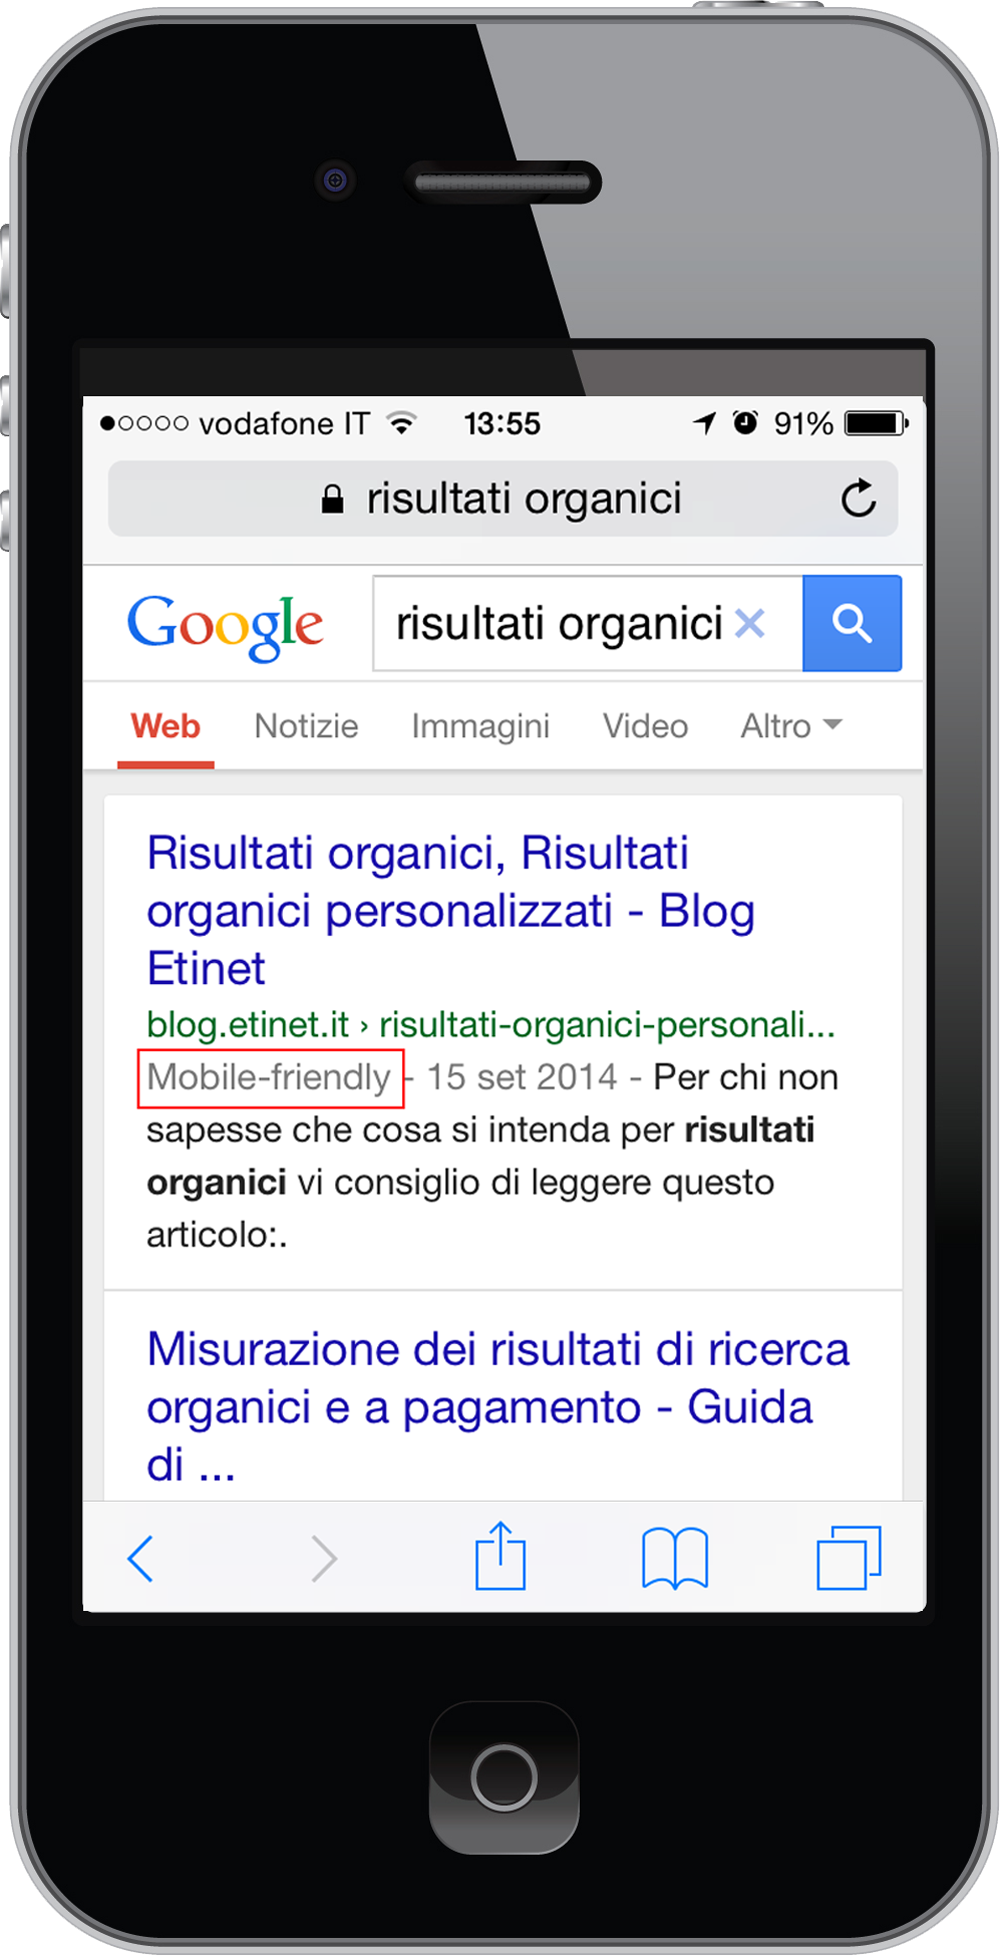 Ricerca Per Immagini Mobile mobile friendly significato